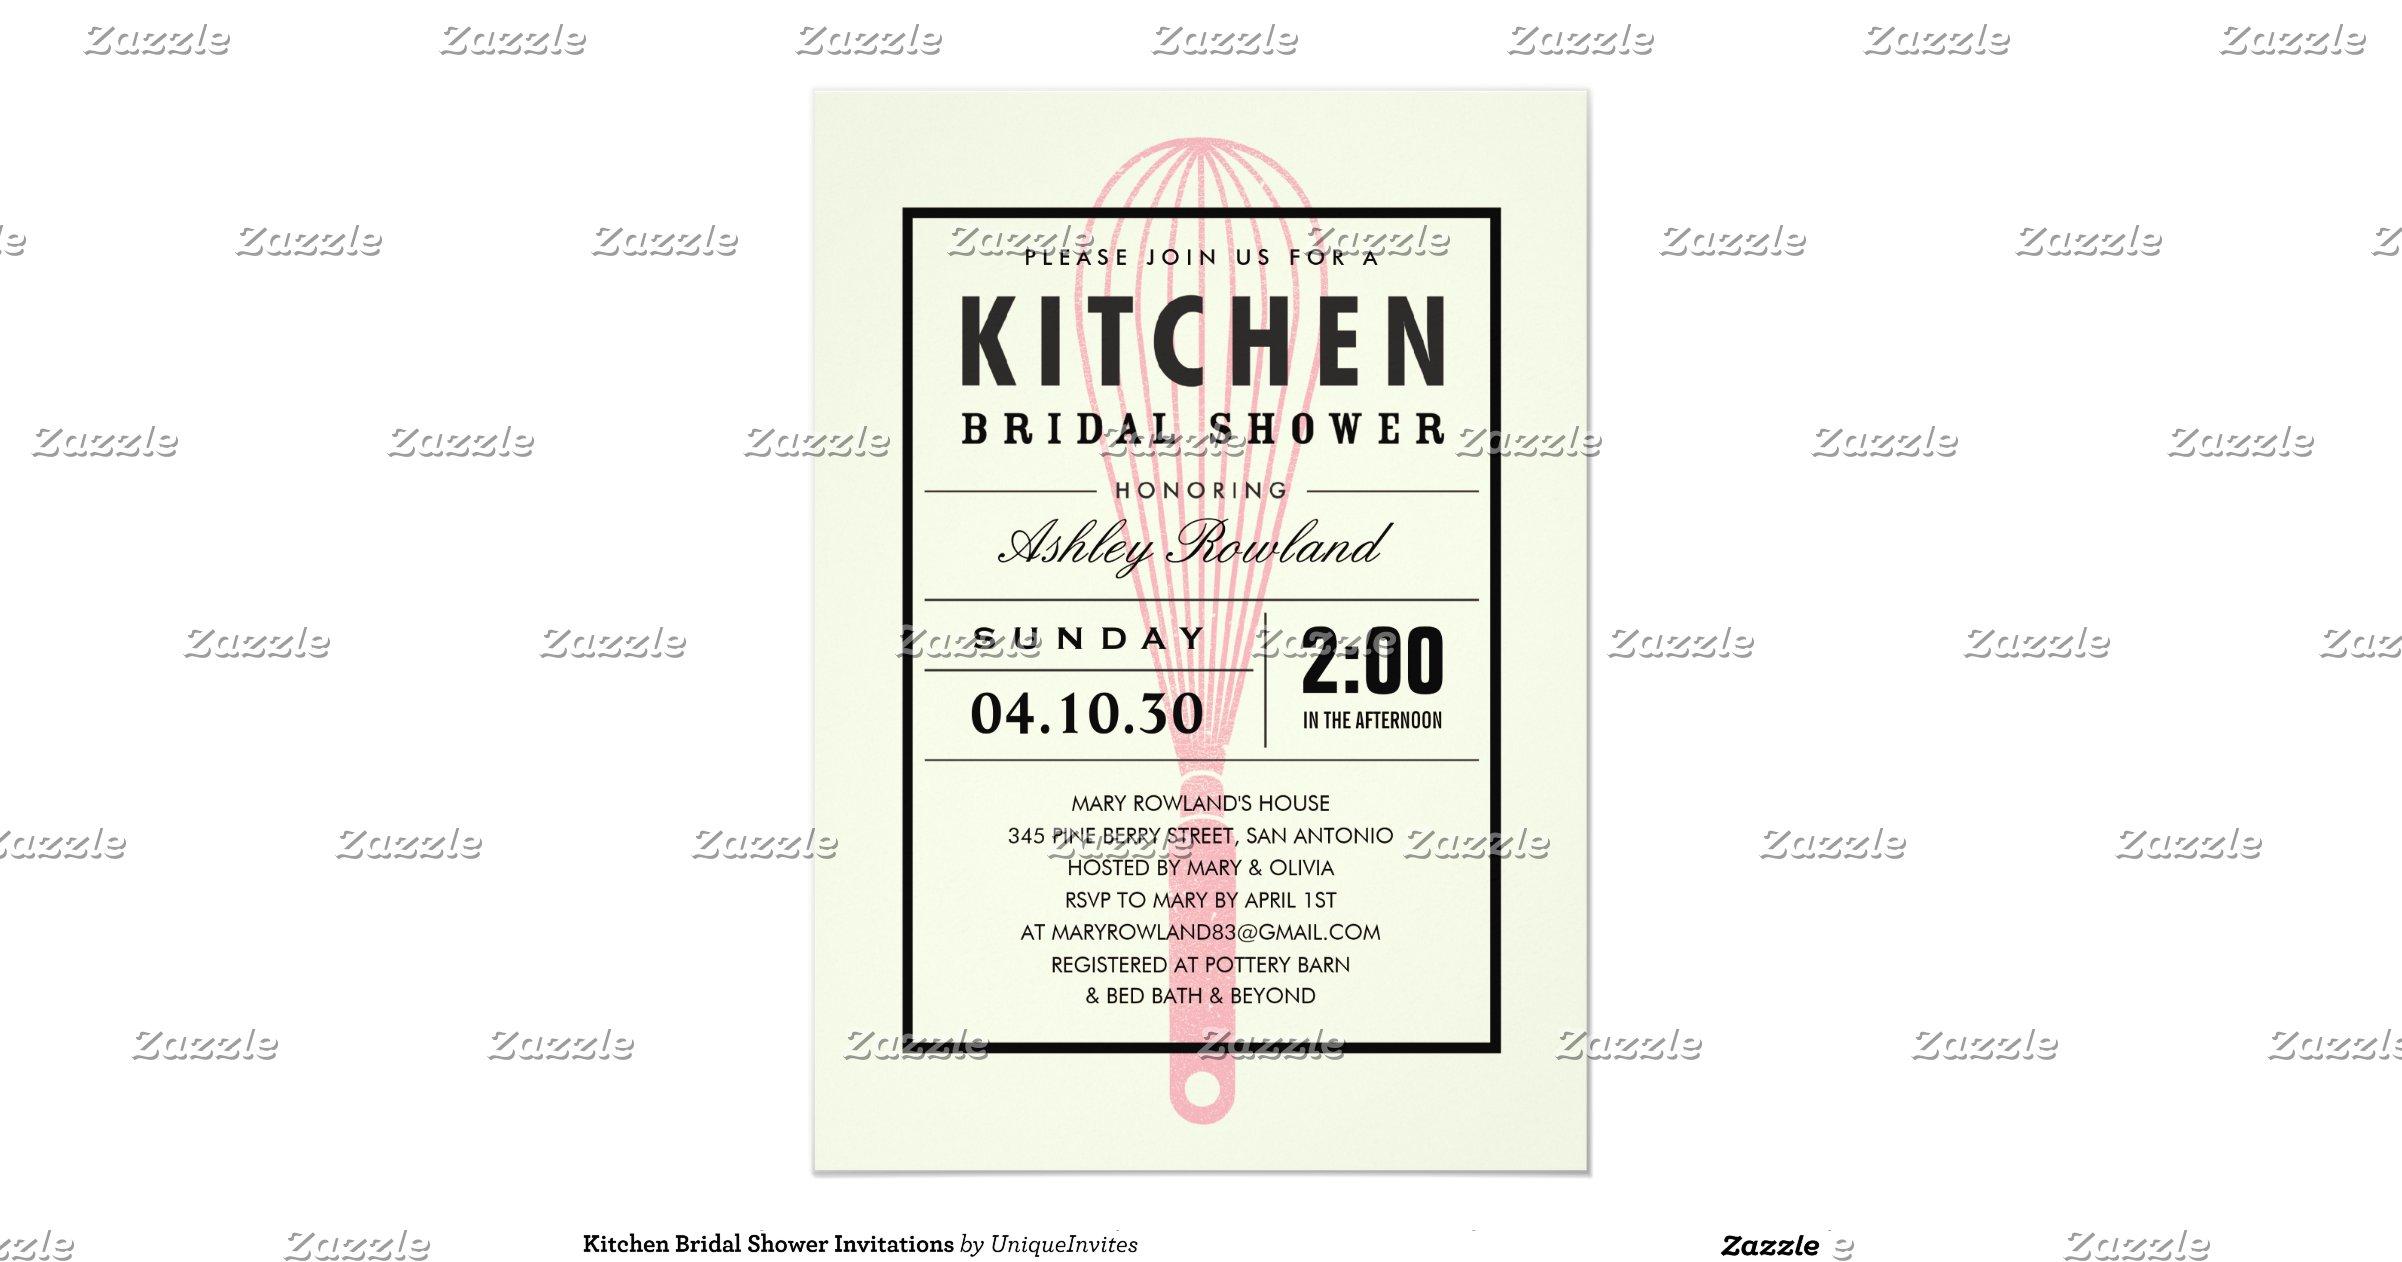 kitchen bridal shower invitations rfab9a7bcfcd24b238b618dbf588ed671 zkrqs